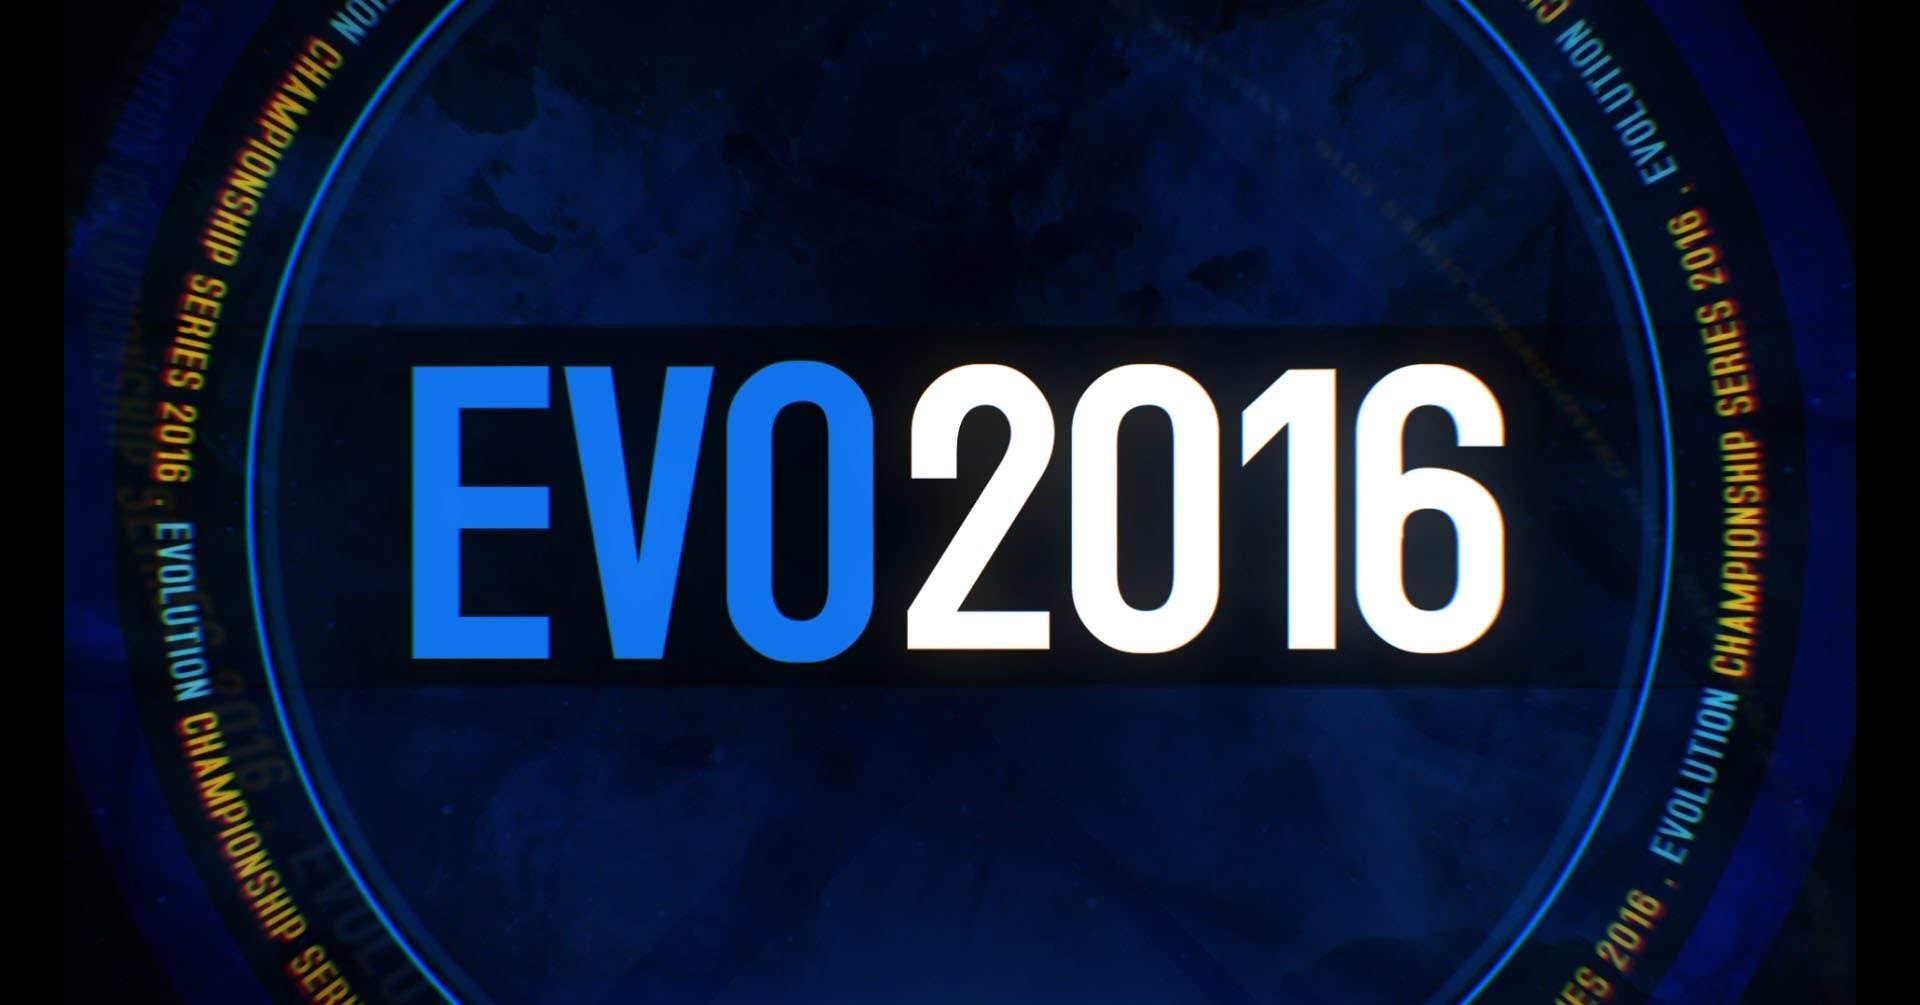 LiquidHbox es el campeón de 'Super Smash Bros. Melee' en la EVO 2016